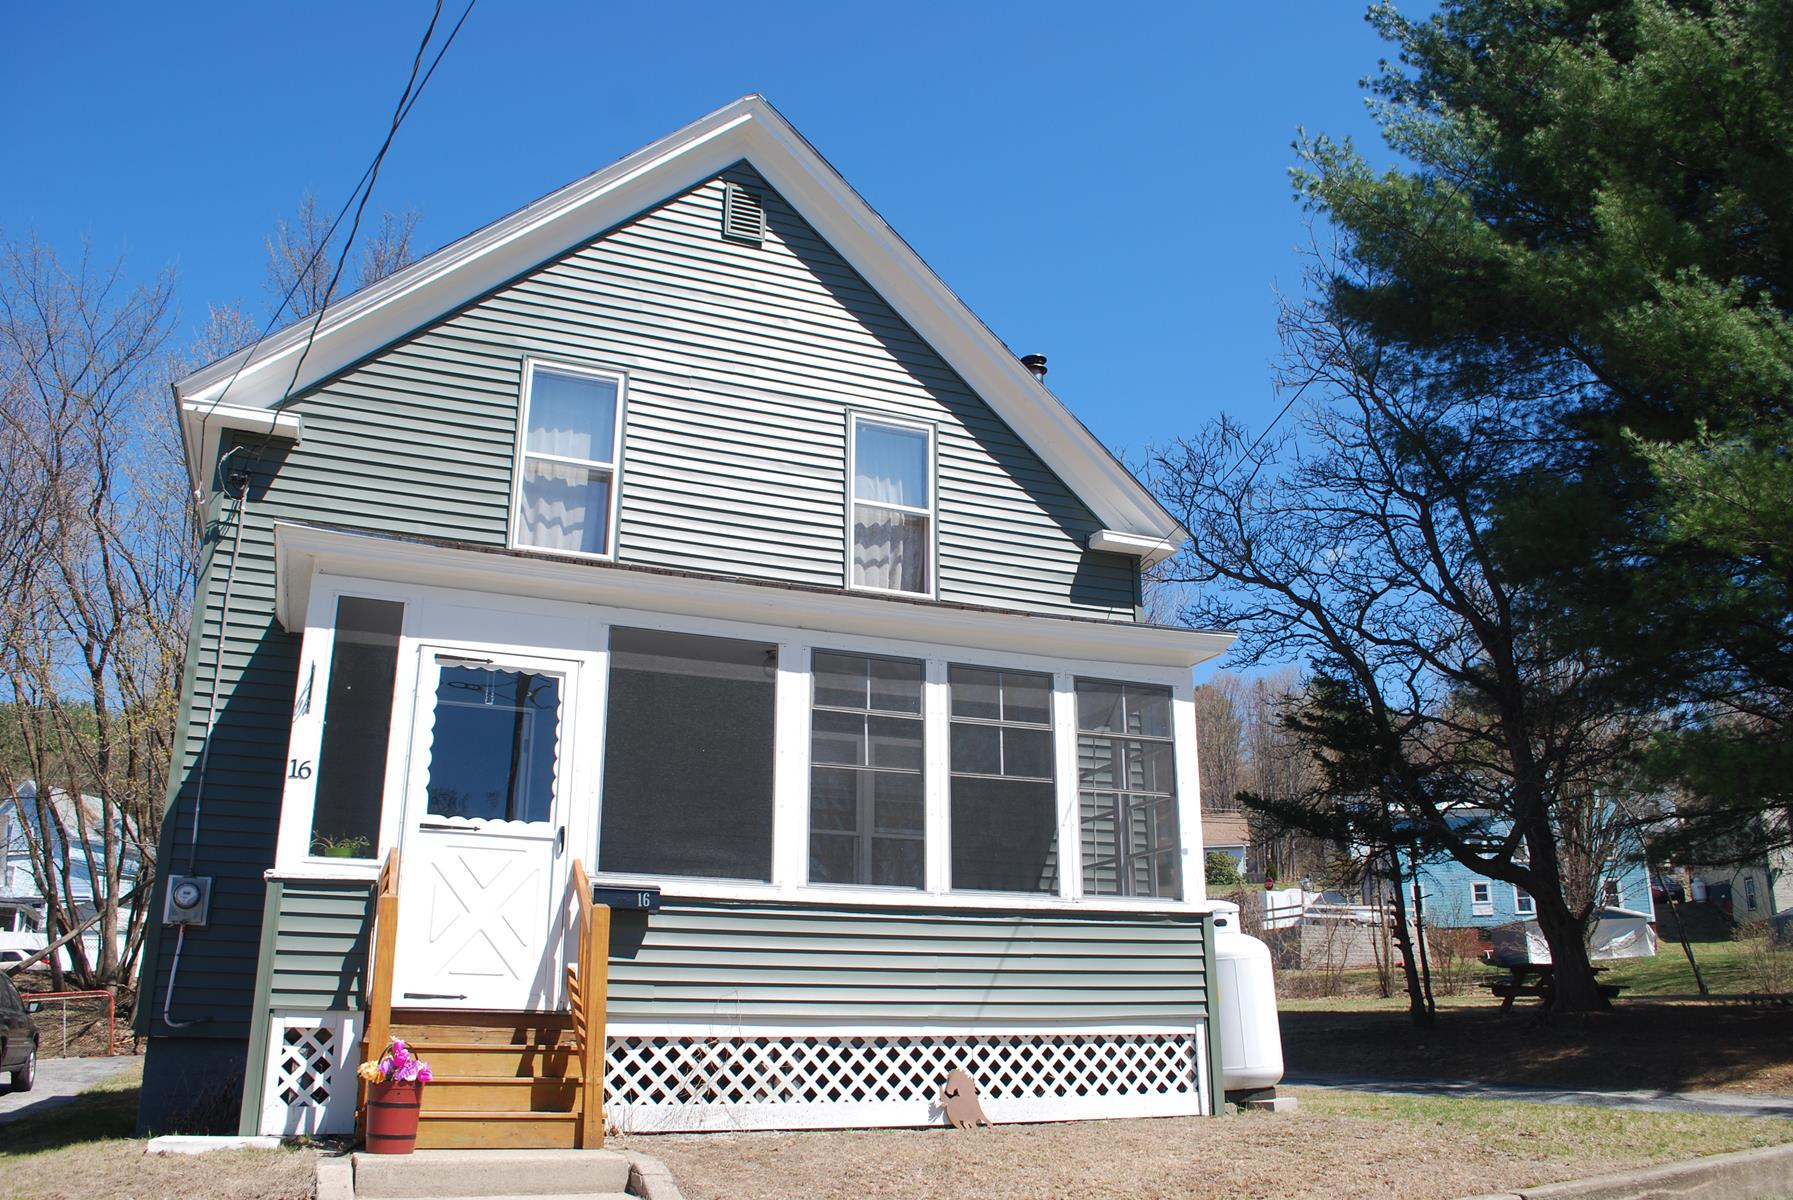 Maison unifamiliale pour l Vente à 16 Lilac, Claremont Claremont, New Hampshire 03743 États-Unis